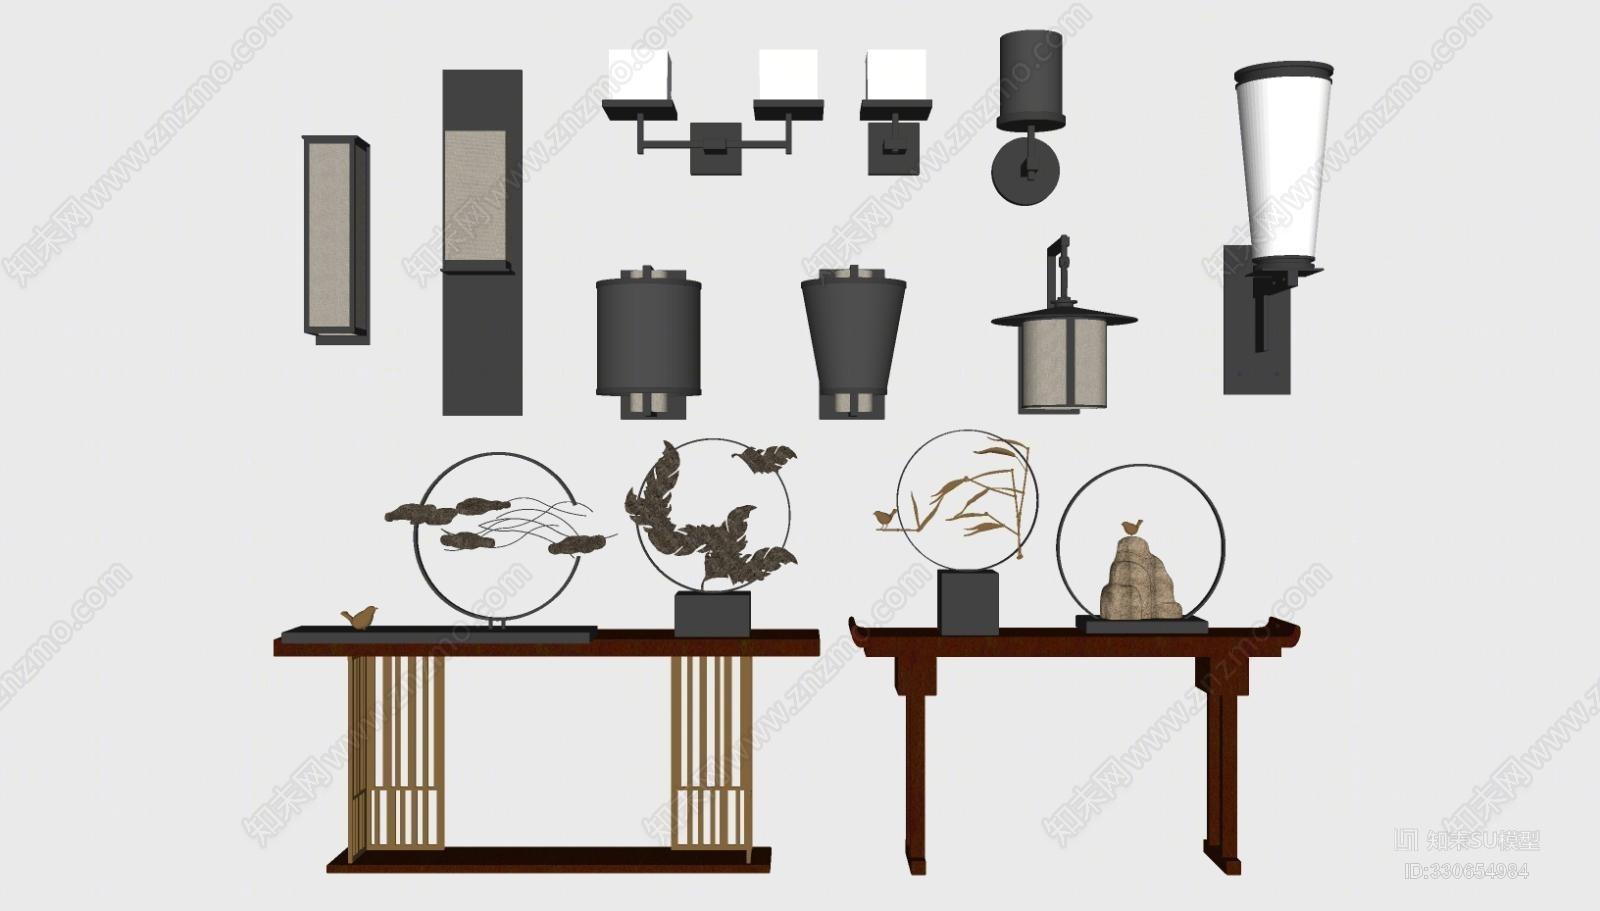 中式壁灯 玄关端景条案摆件组合